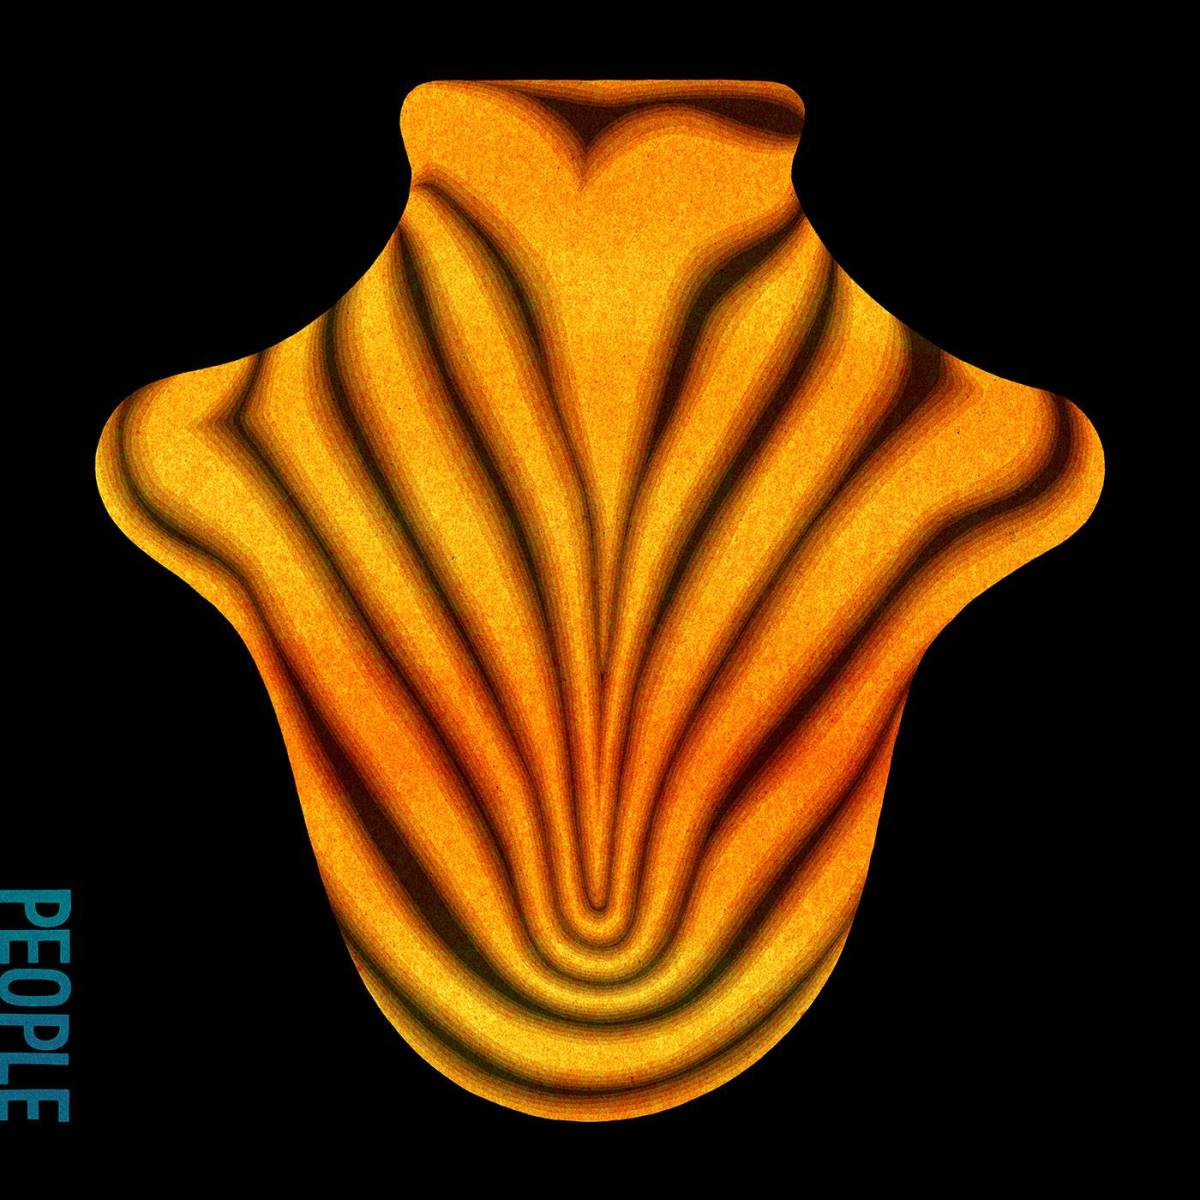 big-red-machine-aaron-dessner-justin-vernon-album-art-cover.jpg